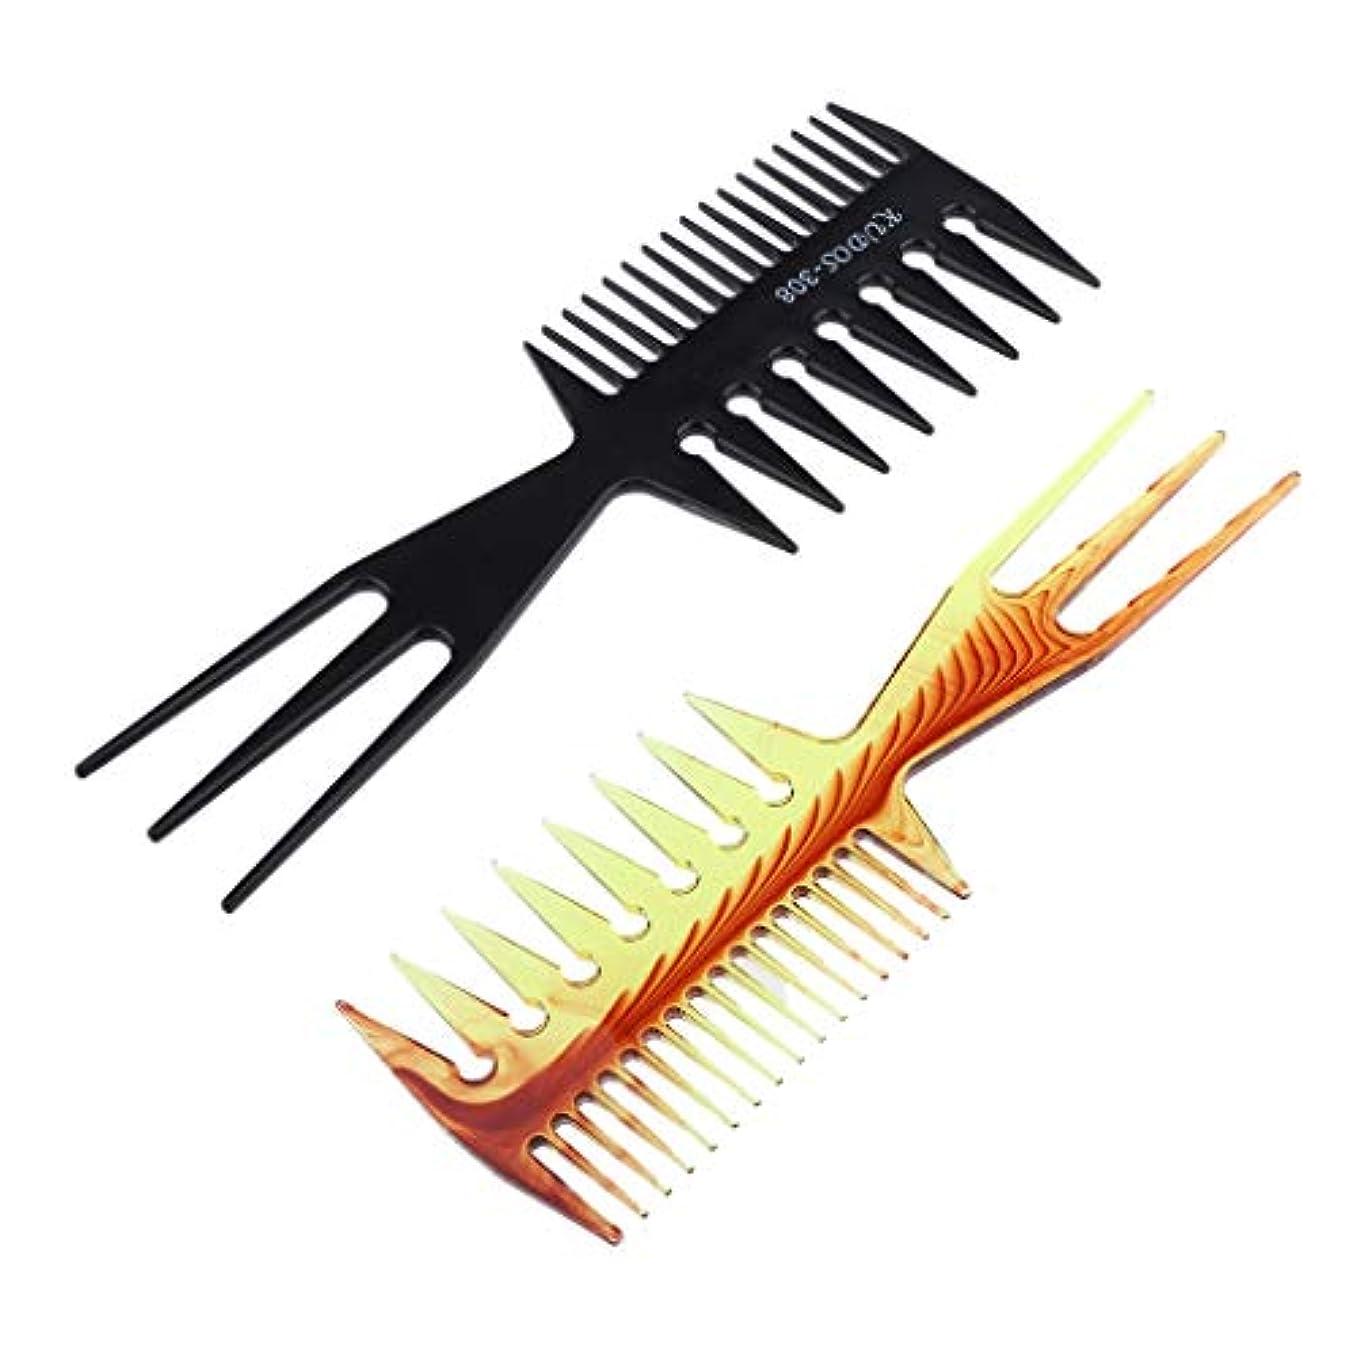 持続的操作無数のヘアダイブラシ 毛染めコーム 髪染め用ヘアコーム サロン 美髪師用 DIY髪染め用 2個セット